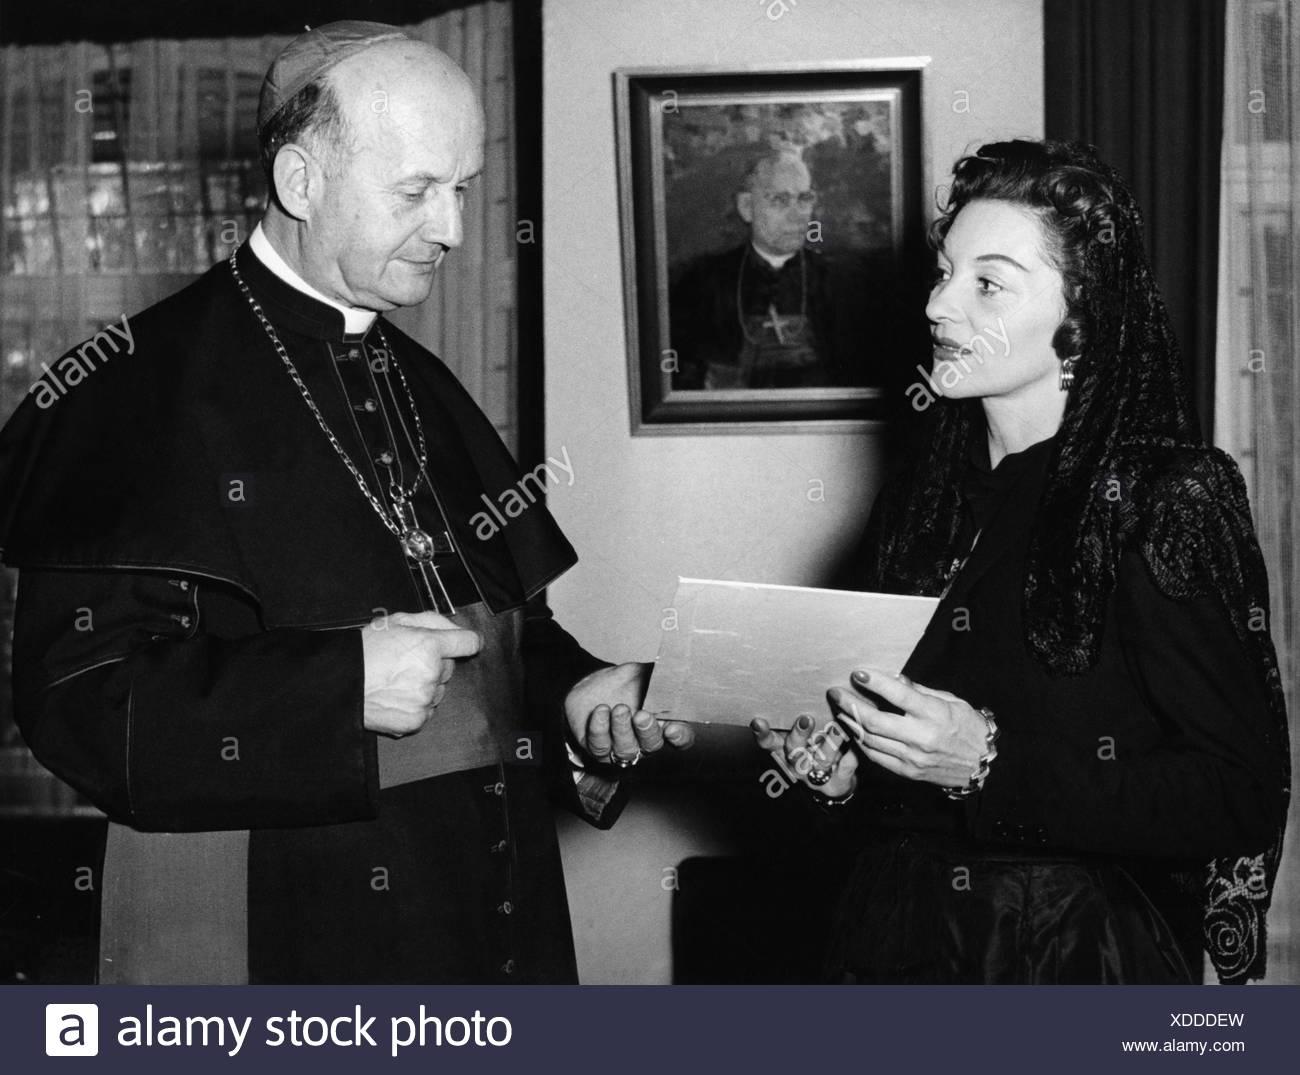 Weskamm, Wilhelm, 13.5.1891 - 21.8.1956, German clergyman, Bischop of Berlin 4.6.1951 - 21.8.1956, presenting the Papal Benedict Stockbild